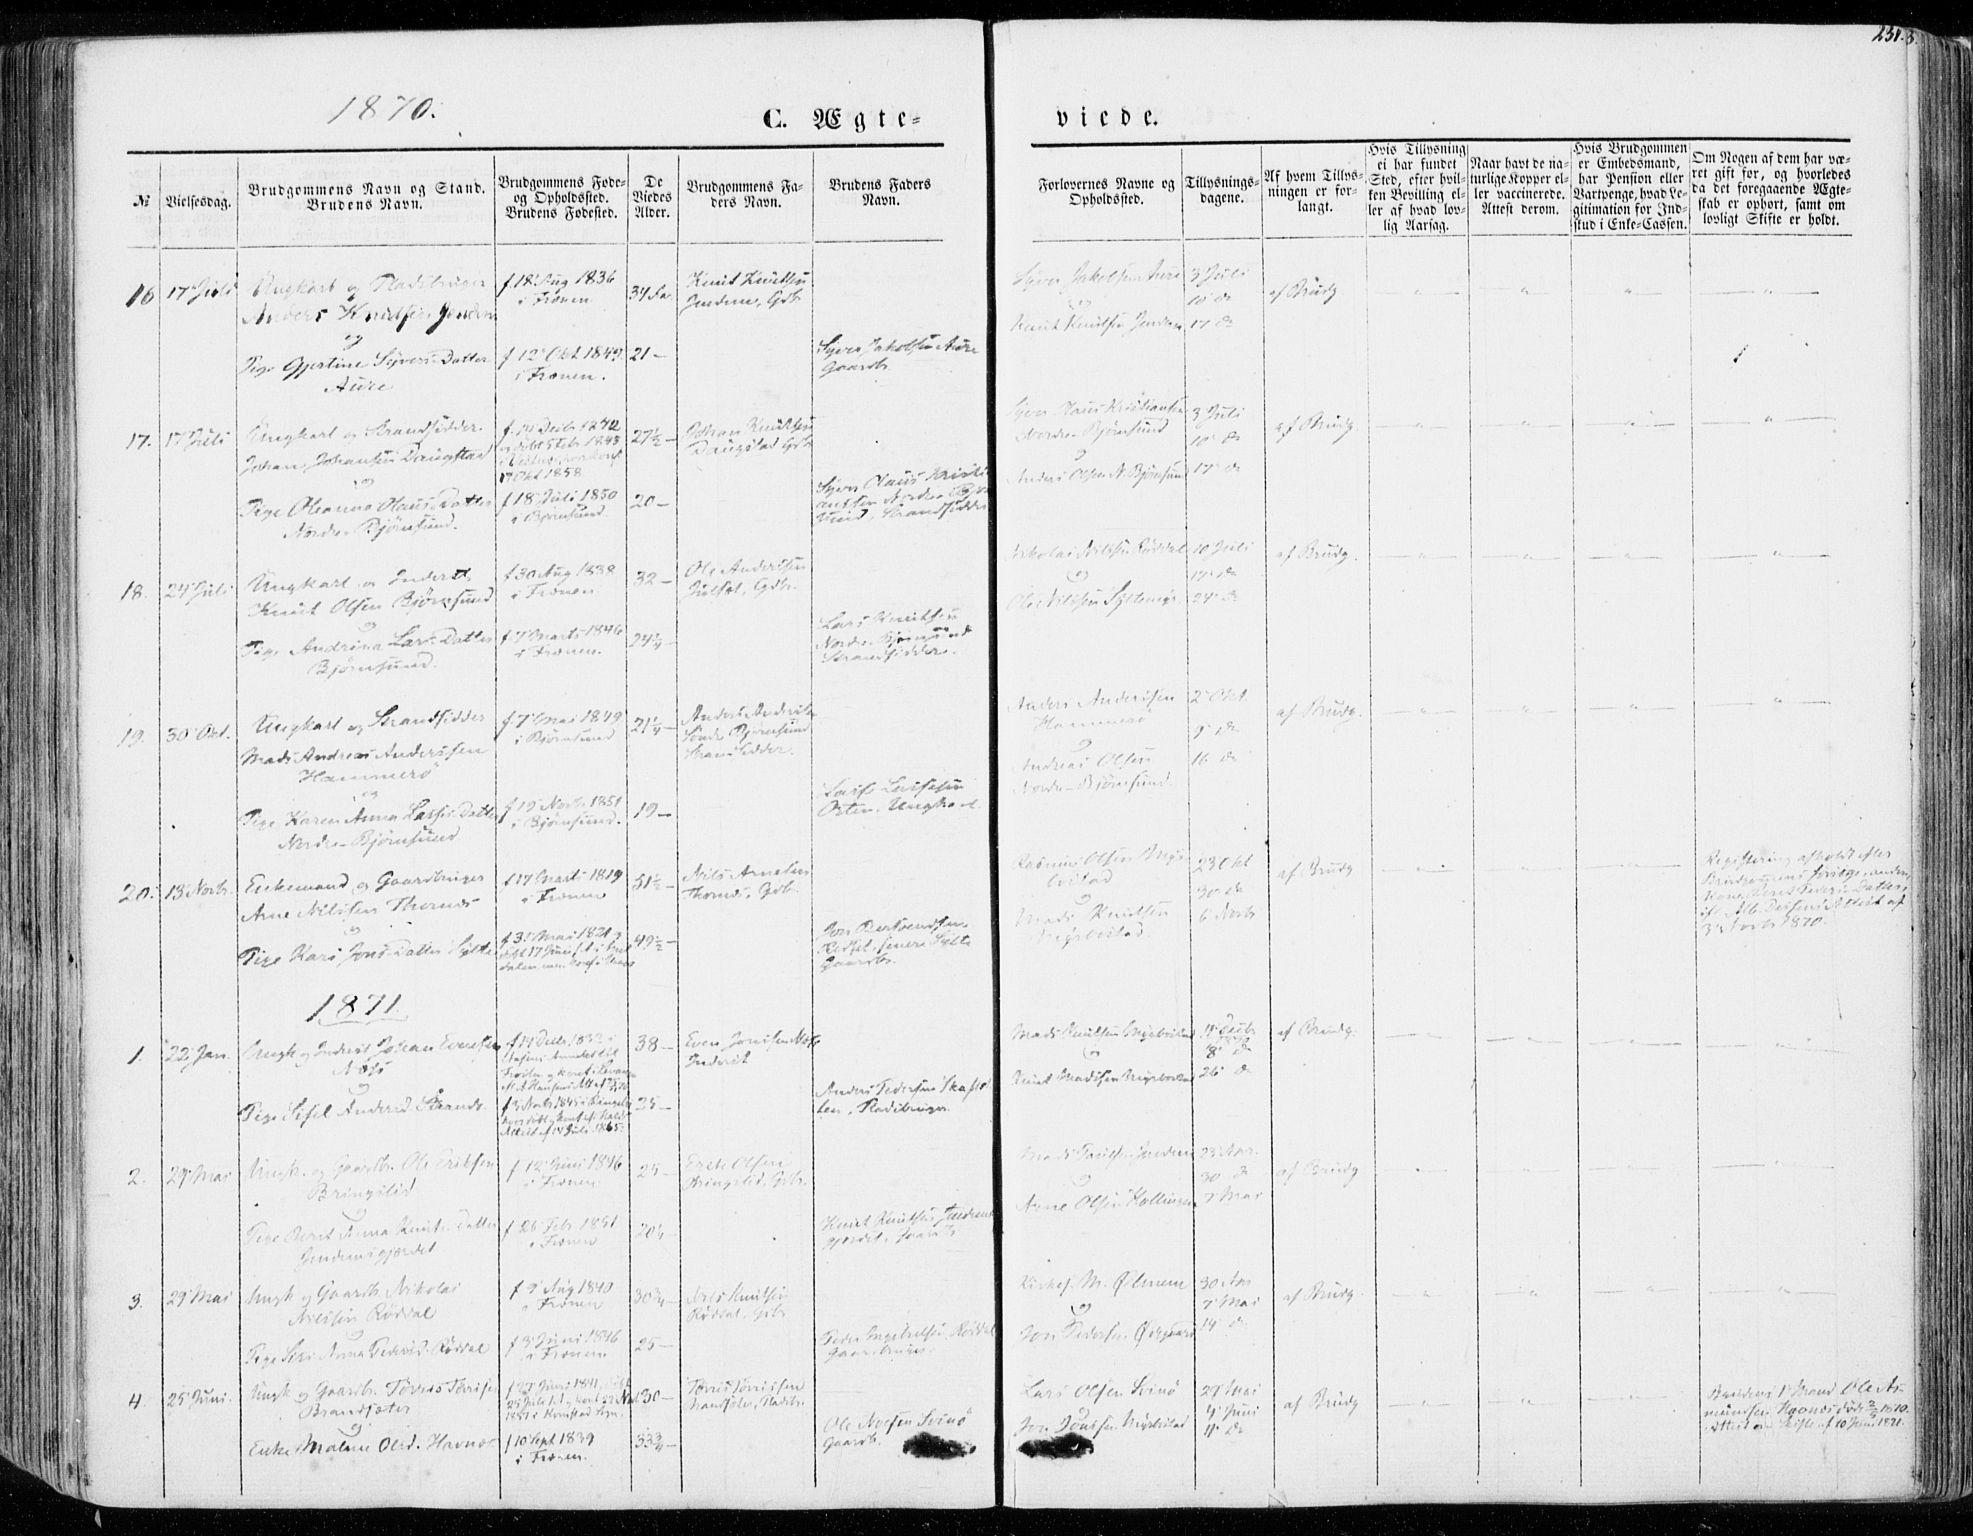 SAT, Ministerialprotokoller, klokkerbøker og fødselsregistre - Møre og Romsdal, 565/L0748: Parish register (official) no. 565A02, 1845-1872, p. 231